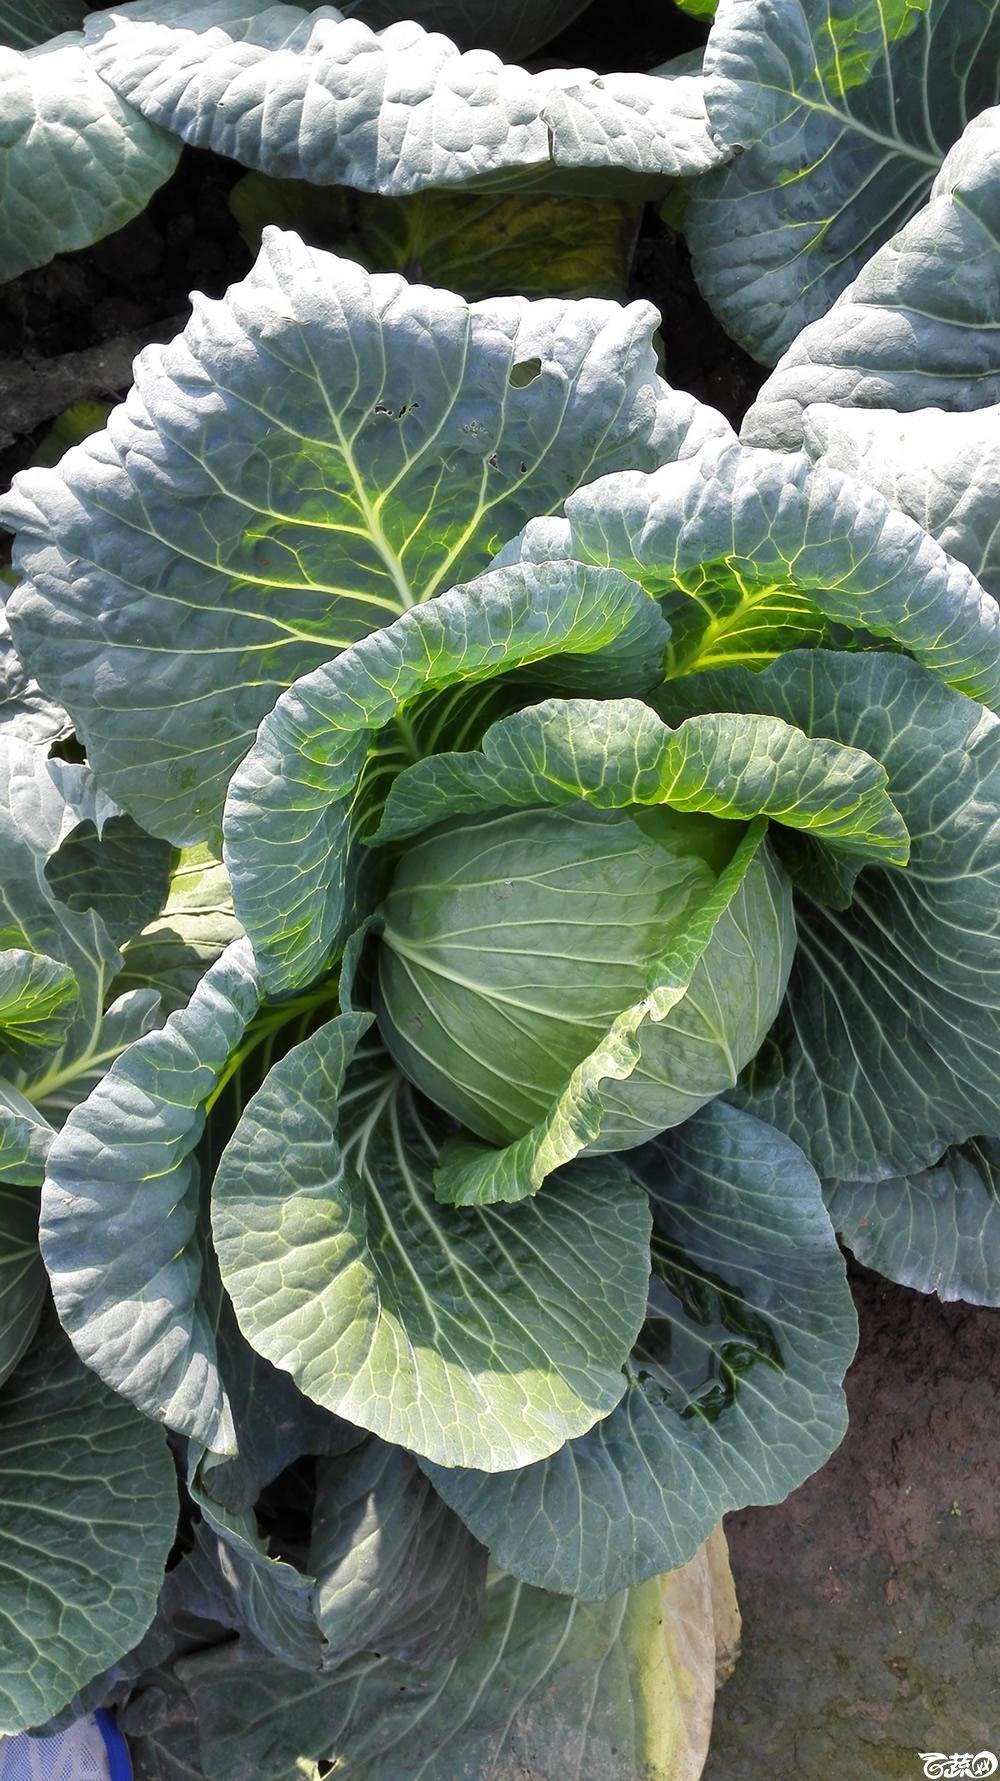 2014年12月10号广州市农科院南沙秋季蔬菜新品种展示会 甘蓝_132.jpg